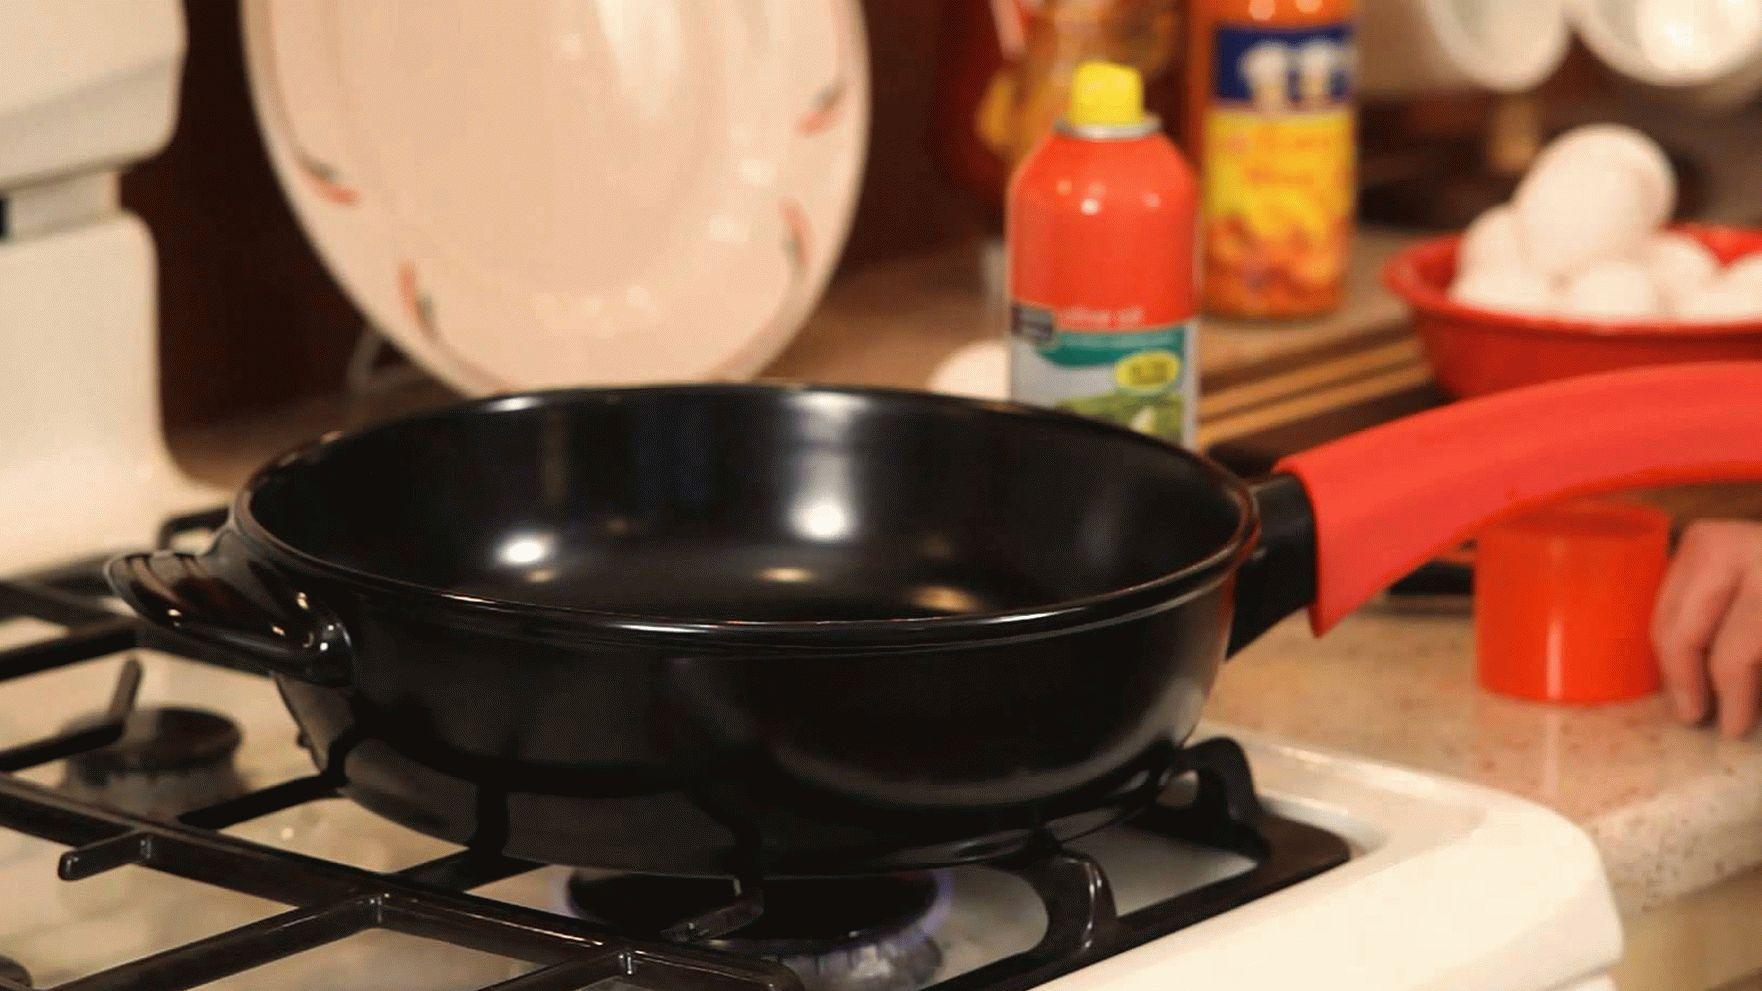 Керамическая сковорода на плите